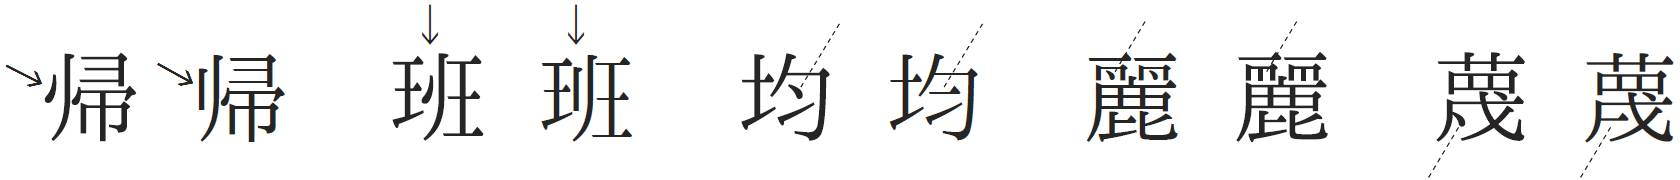 漢字 かざ まう 部首「扌(てへん)」の漢字一覧